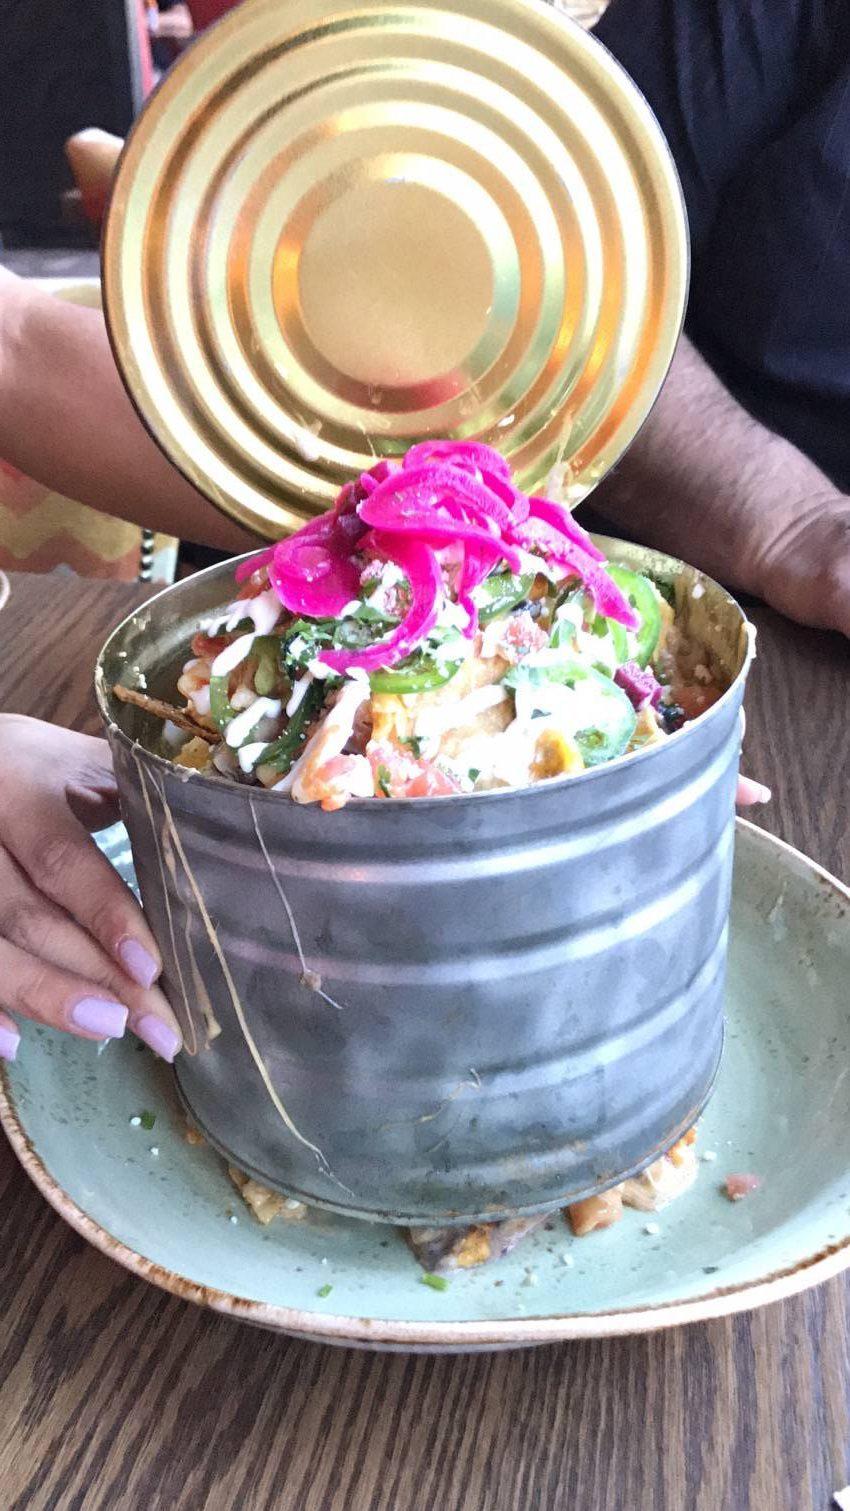 #GuyFieris #food #foodie #trashcannachos #nachos #travel #blogger